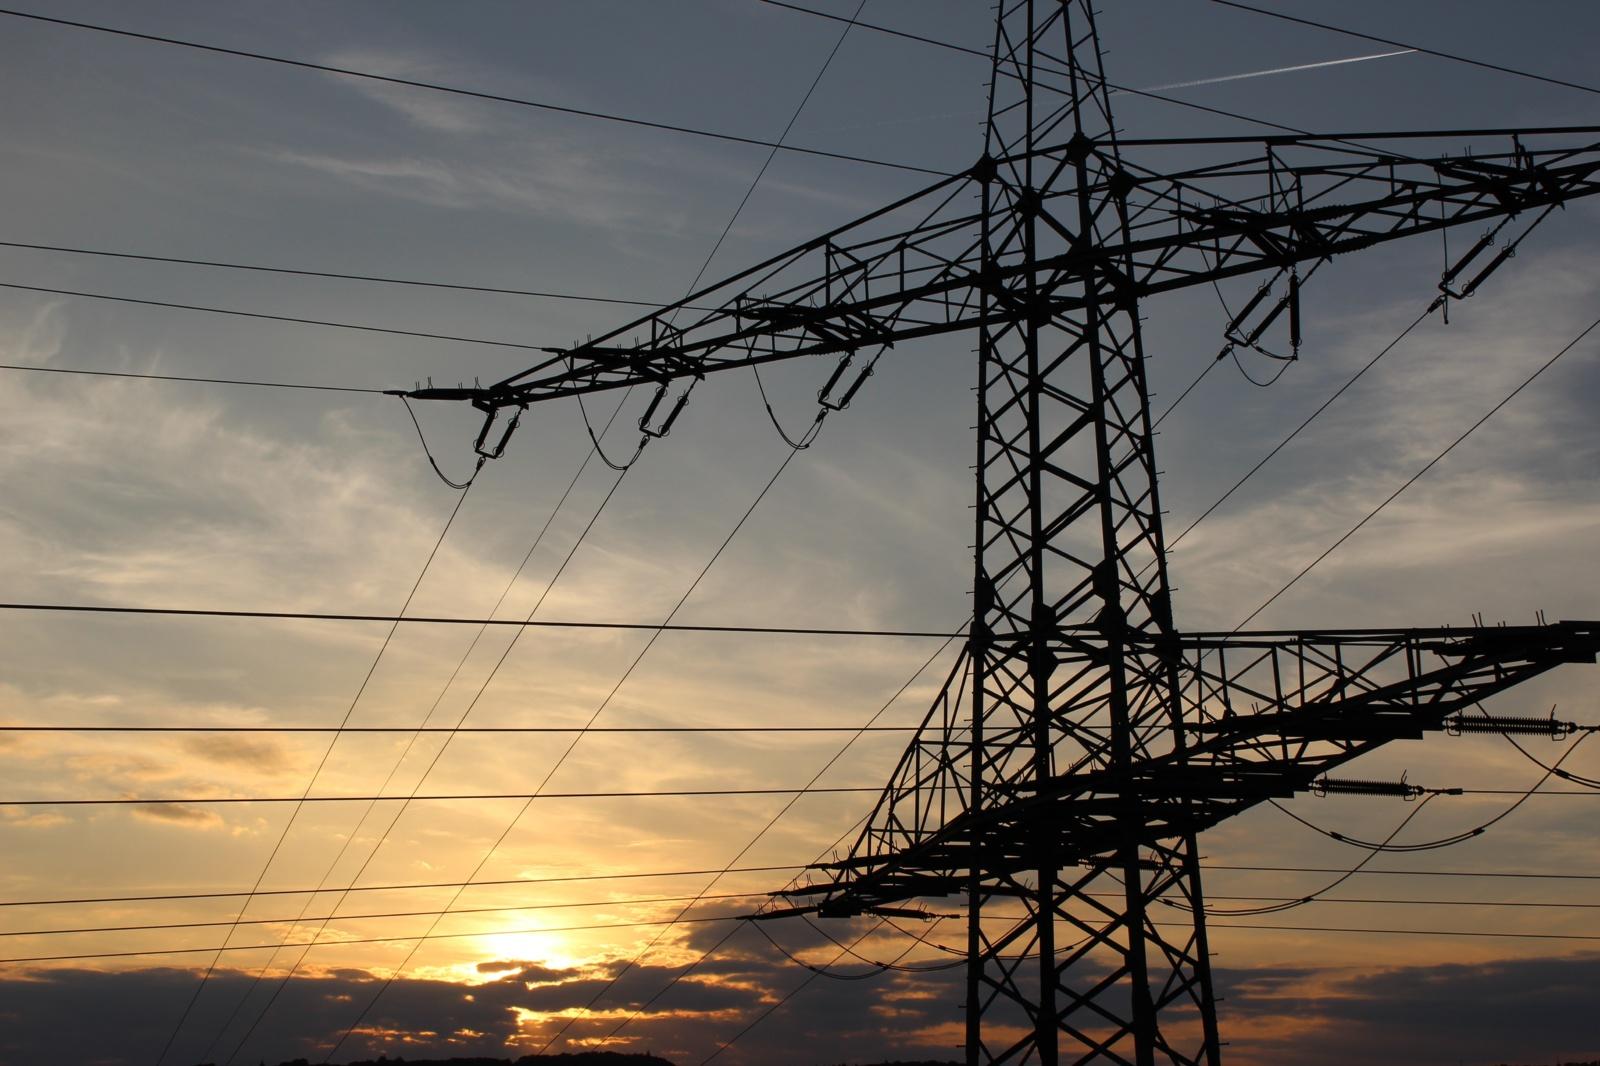 Rugpjūtį elektra pabrango, tačiau buvo pigesnė nei prieš metus